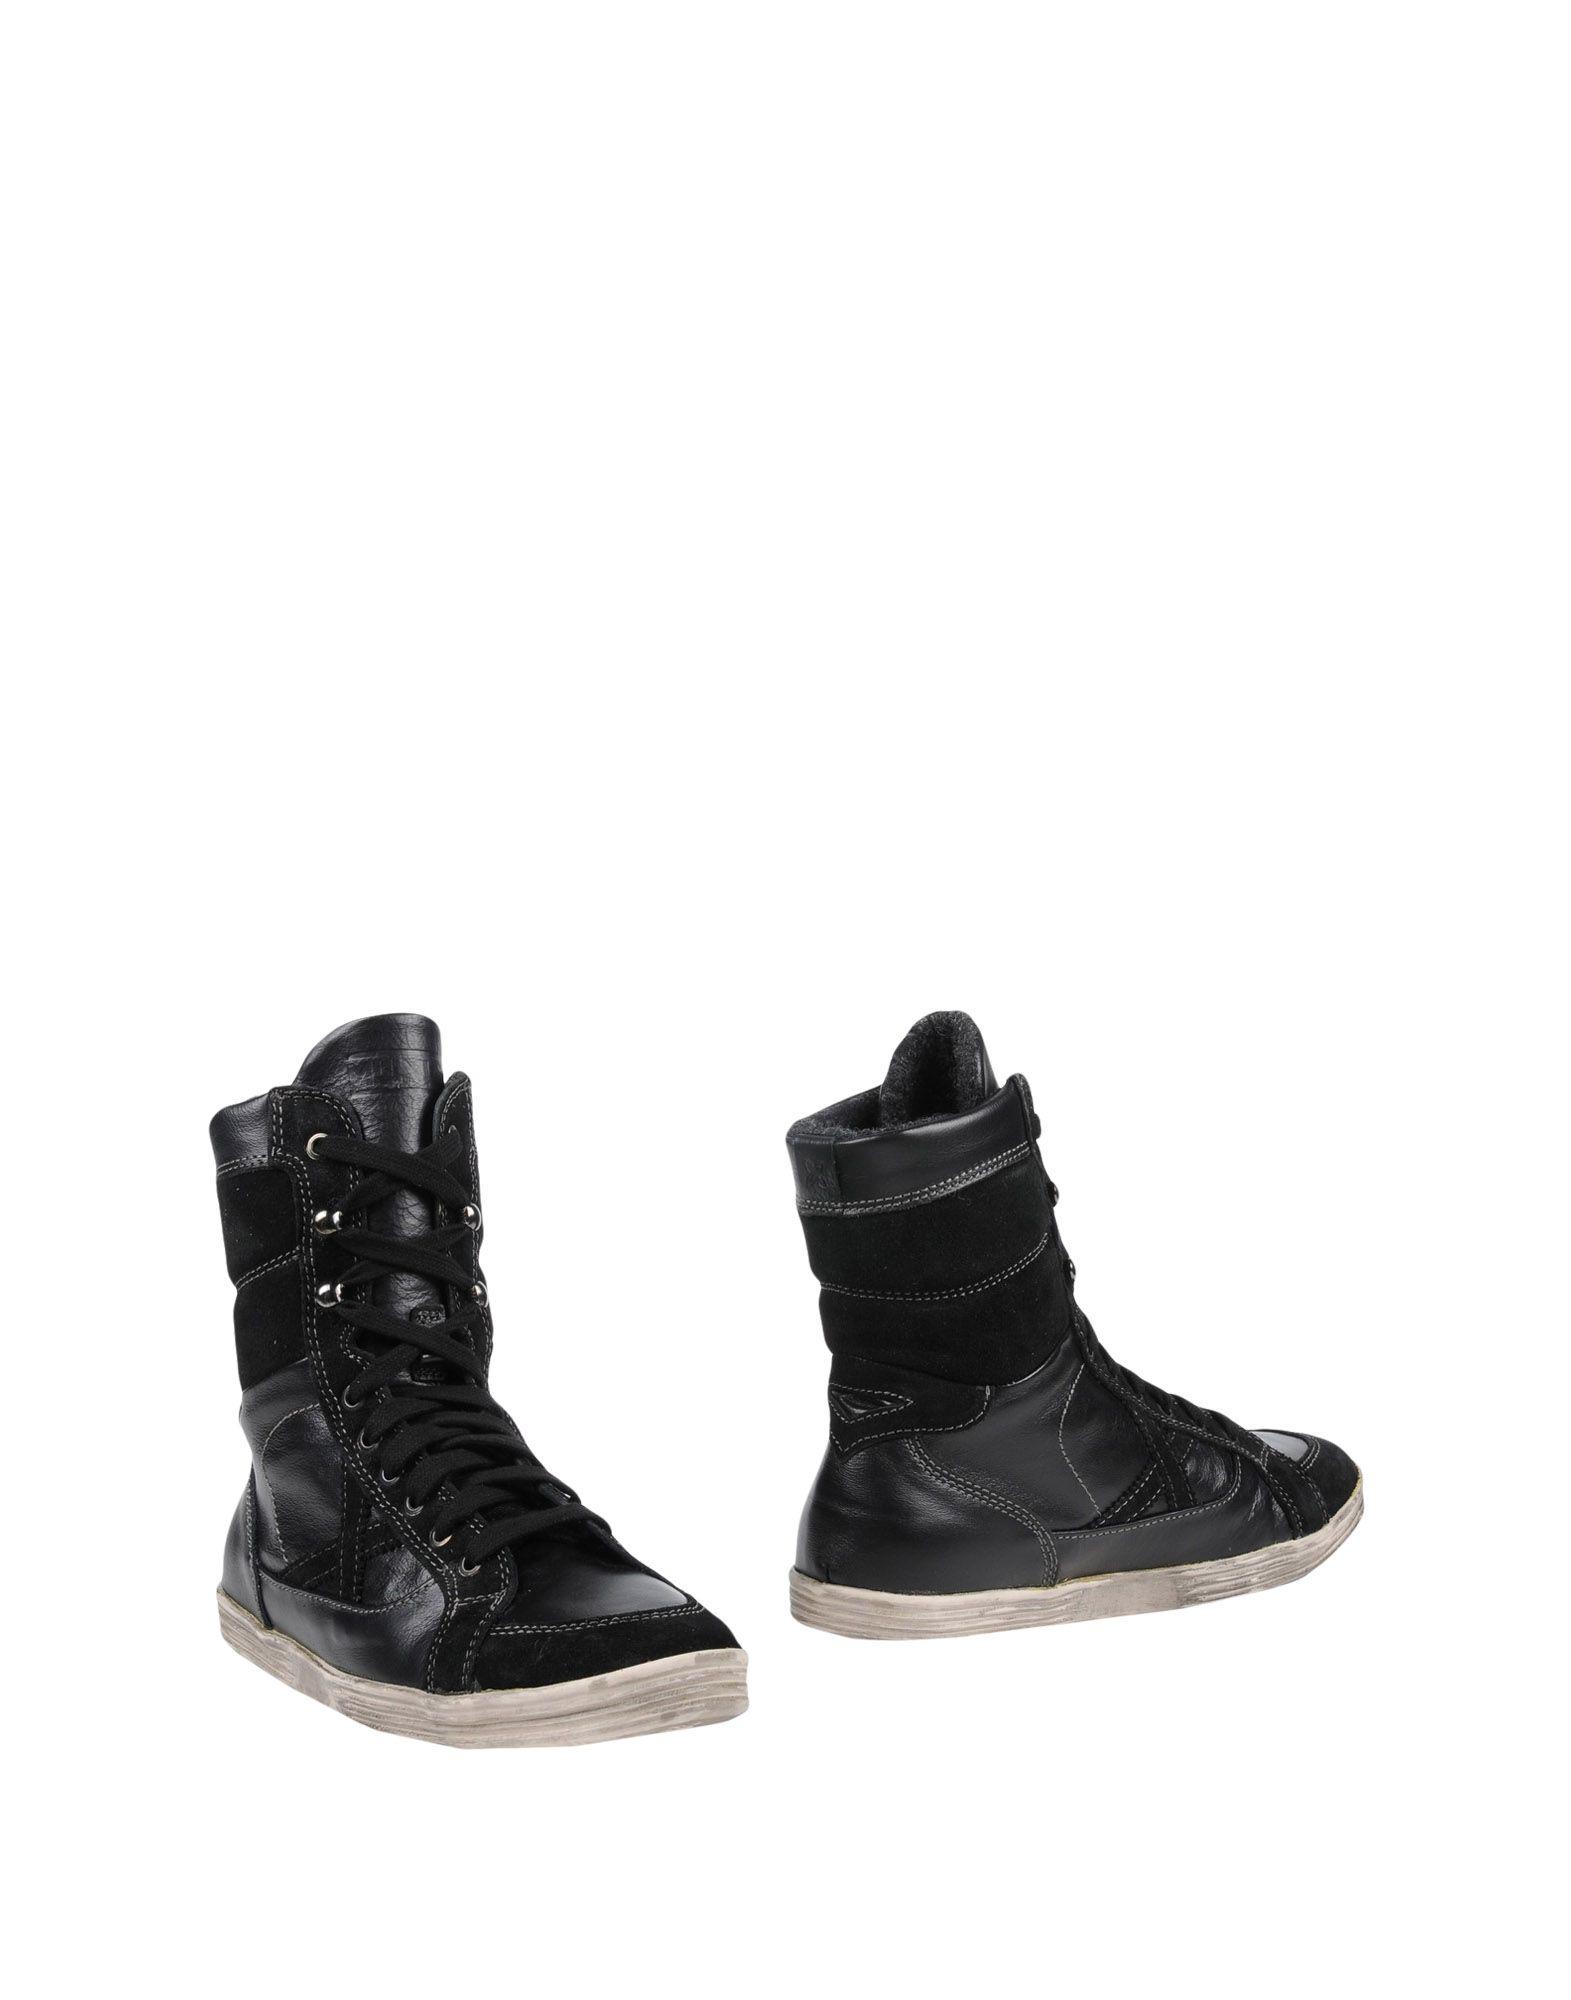 MUNICH Boots in Black